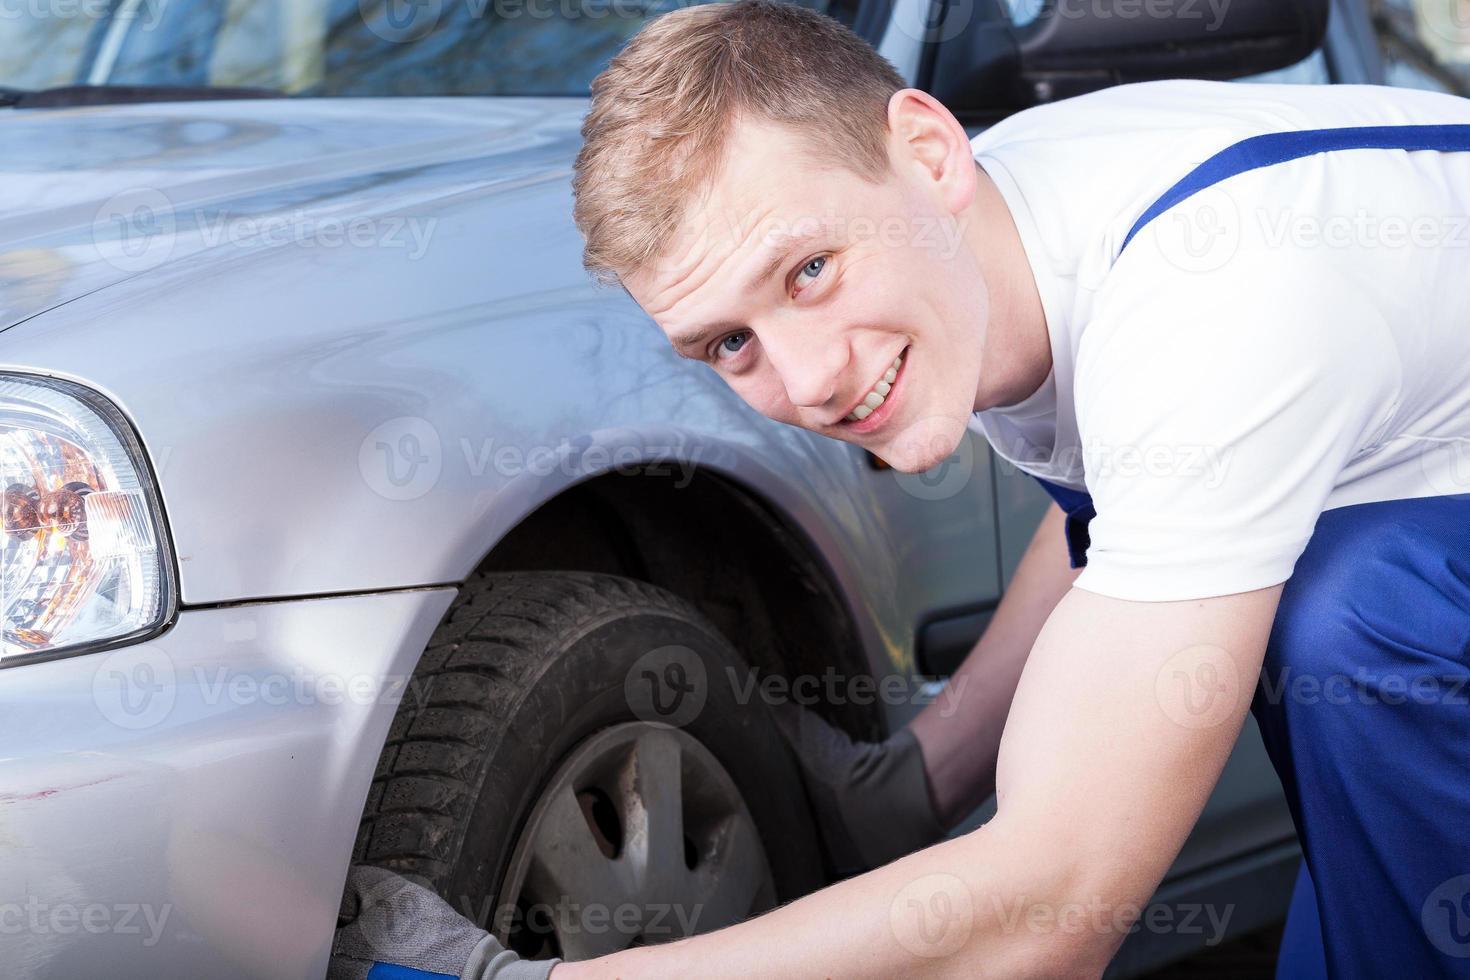 automonteur controleert een autoband foto